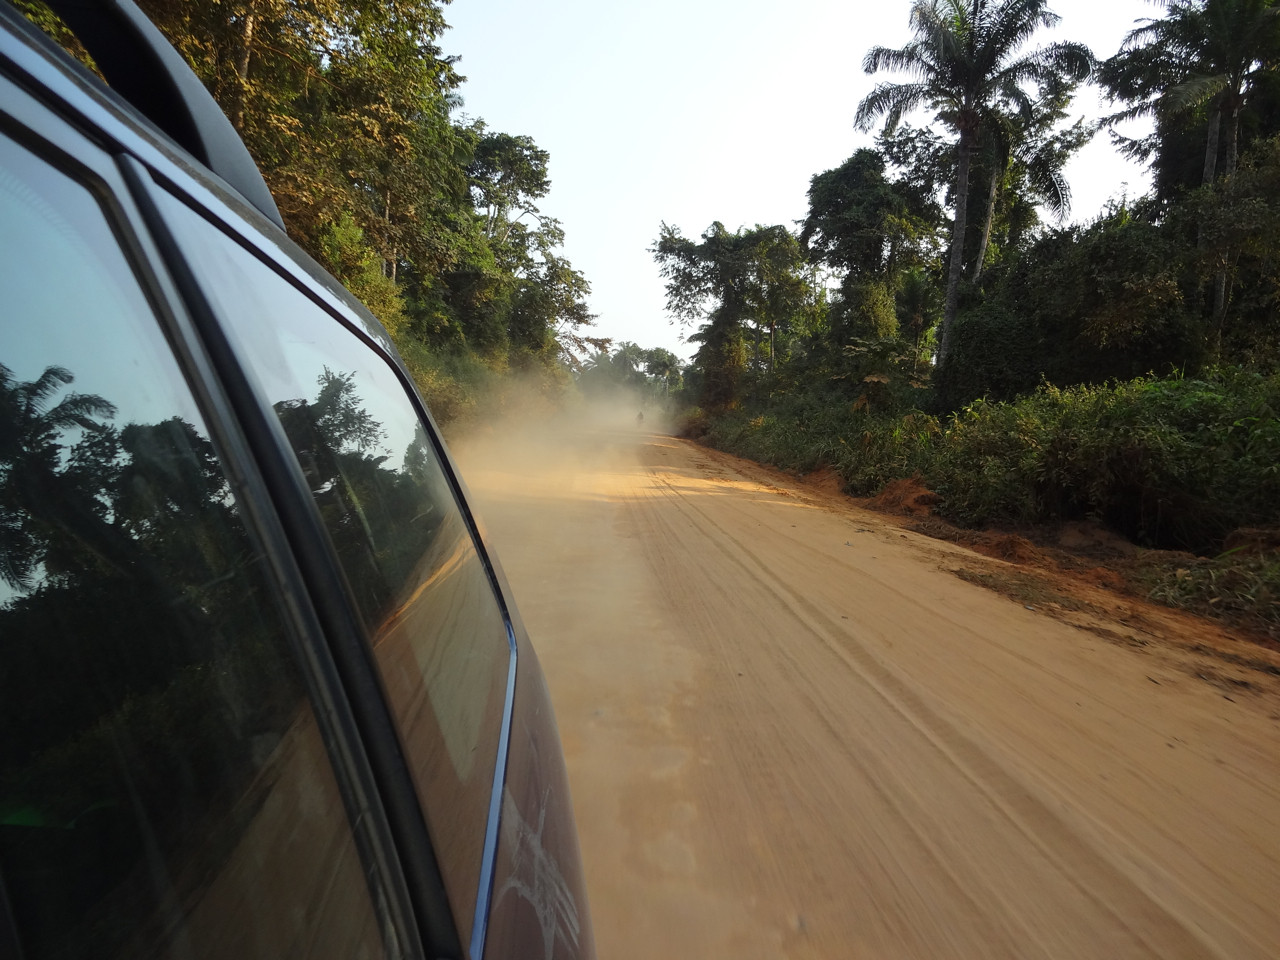 Die Sandpiste N1 von Boma nach Muanda